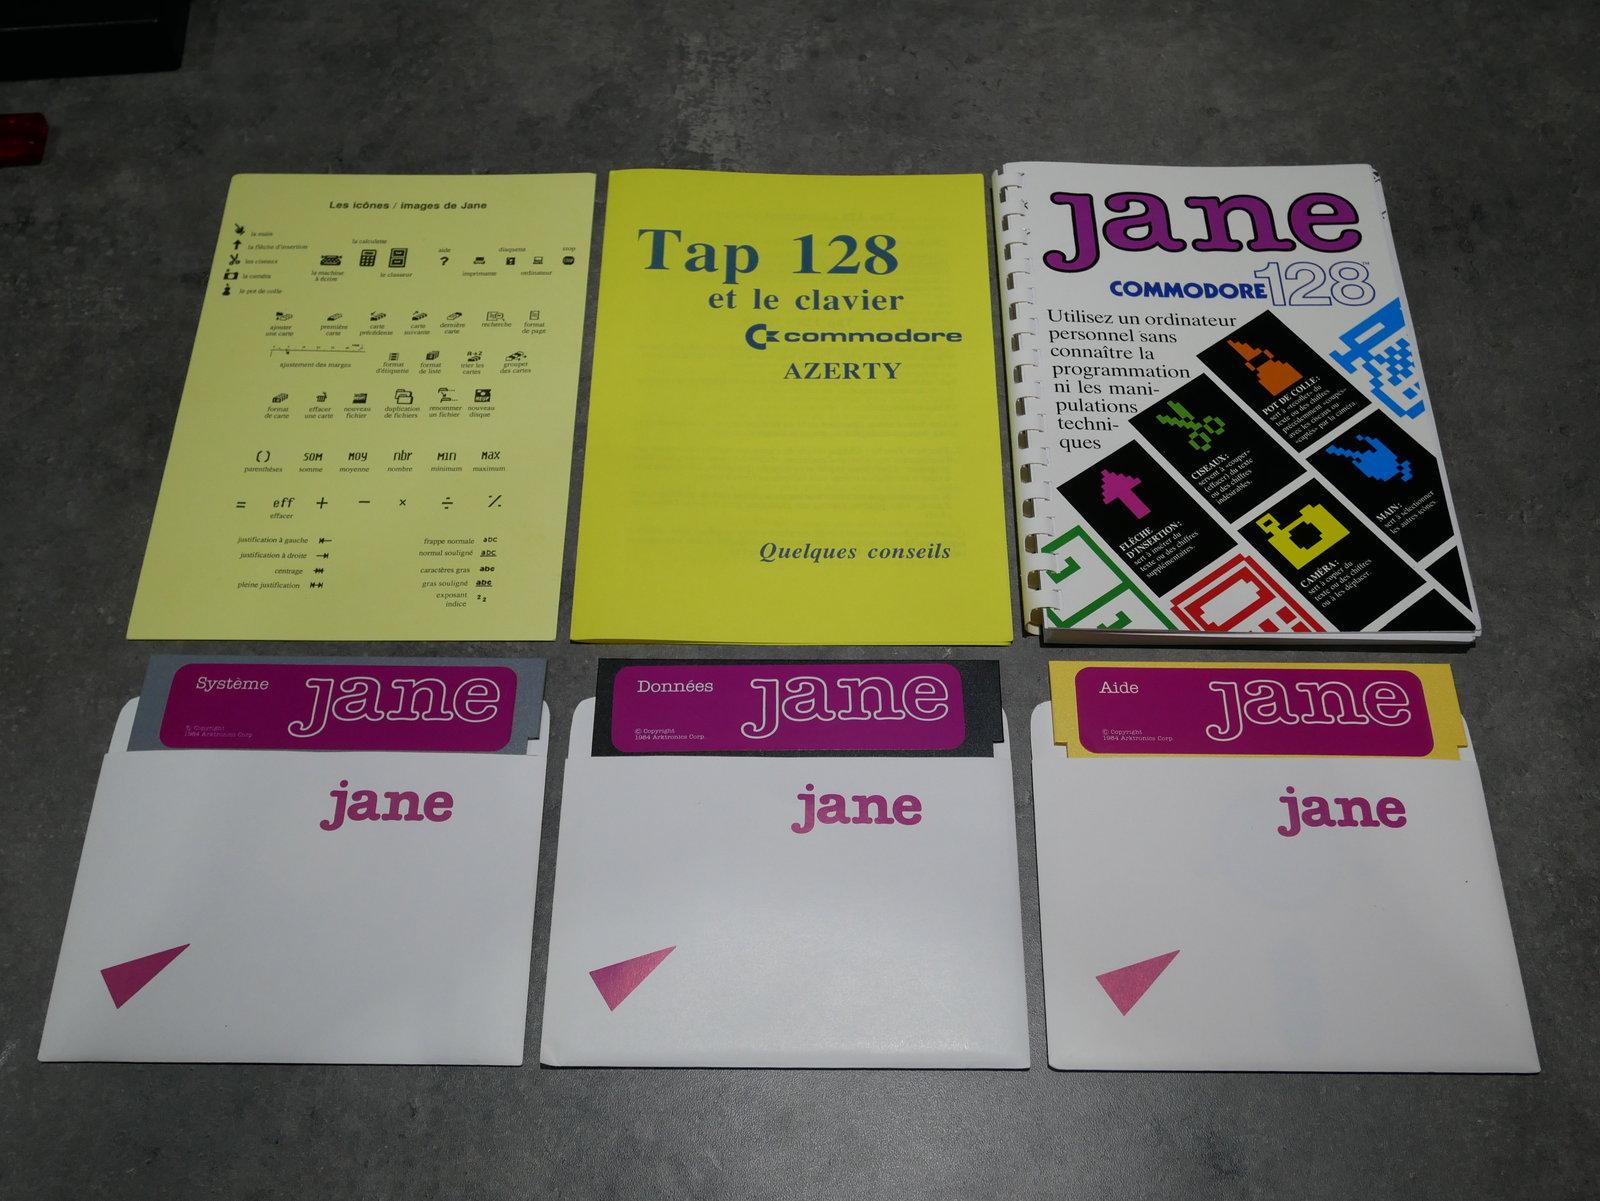 [VDS] C64/128 : divers accessoires (livre, logiciel, cartouches) 200512055457891323